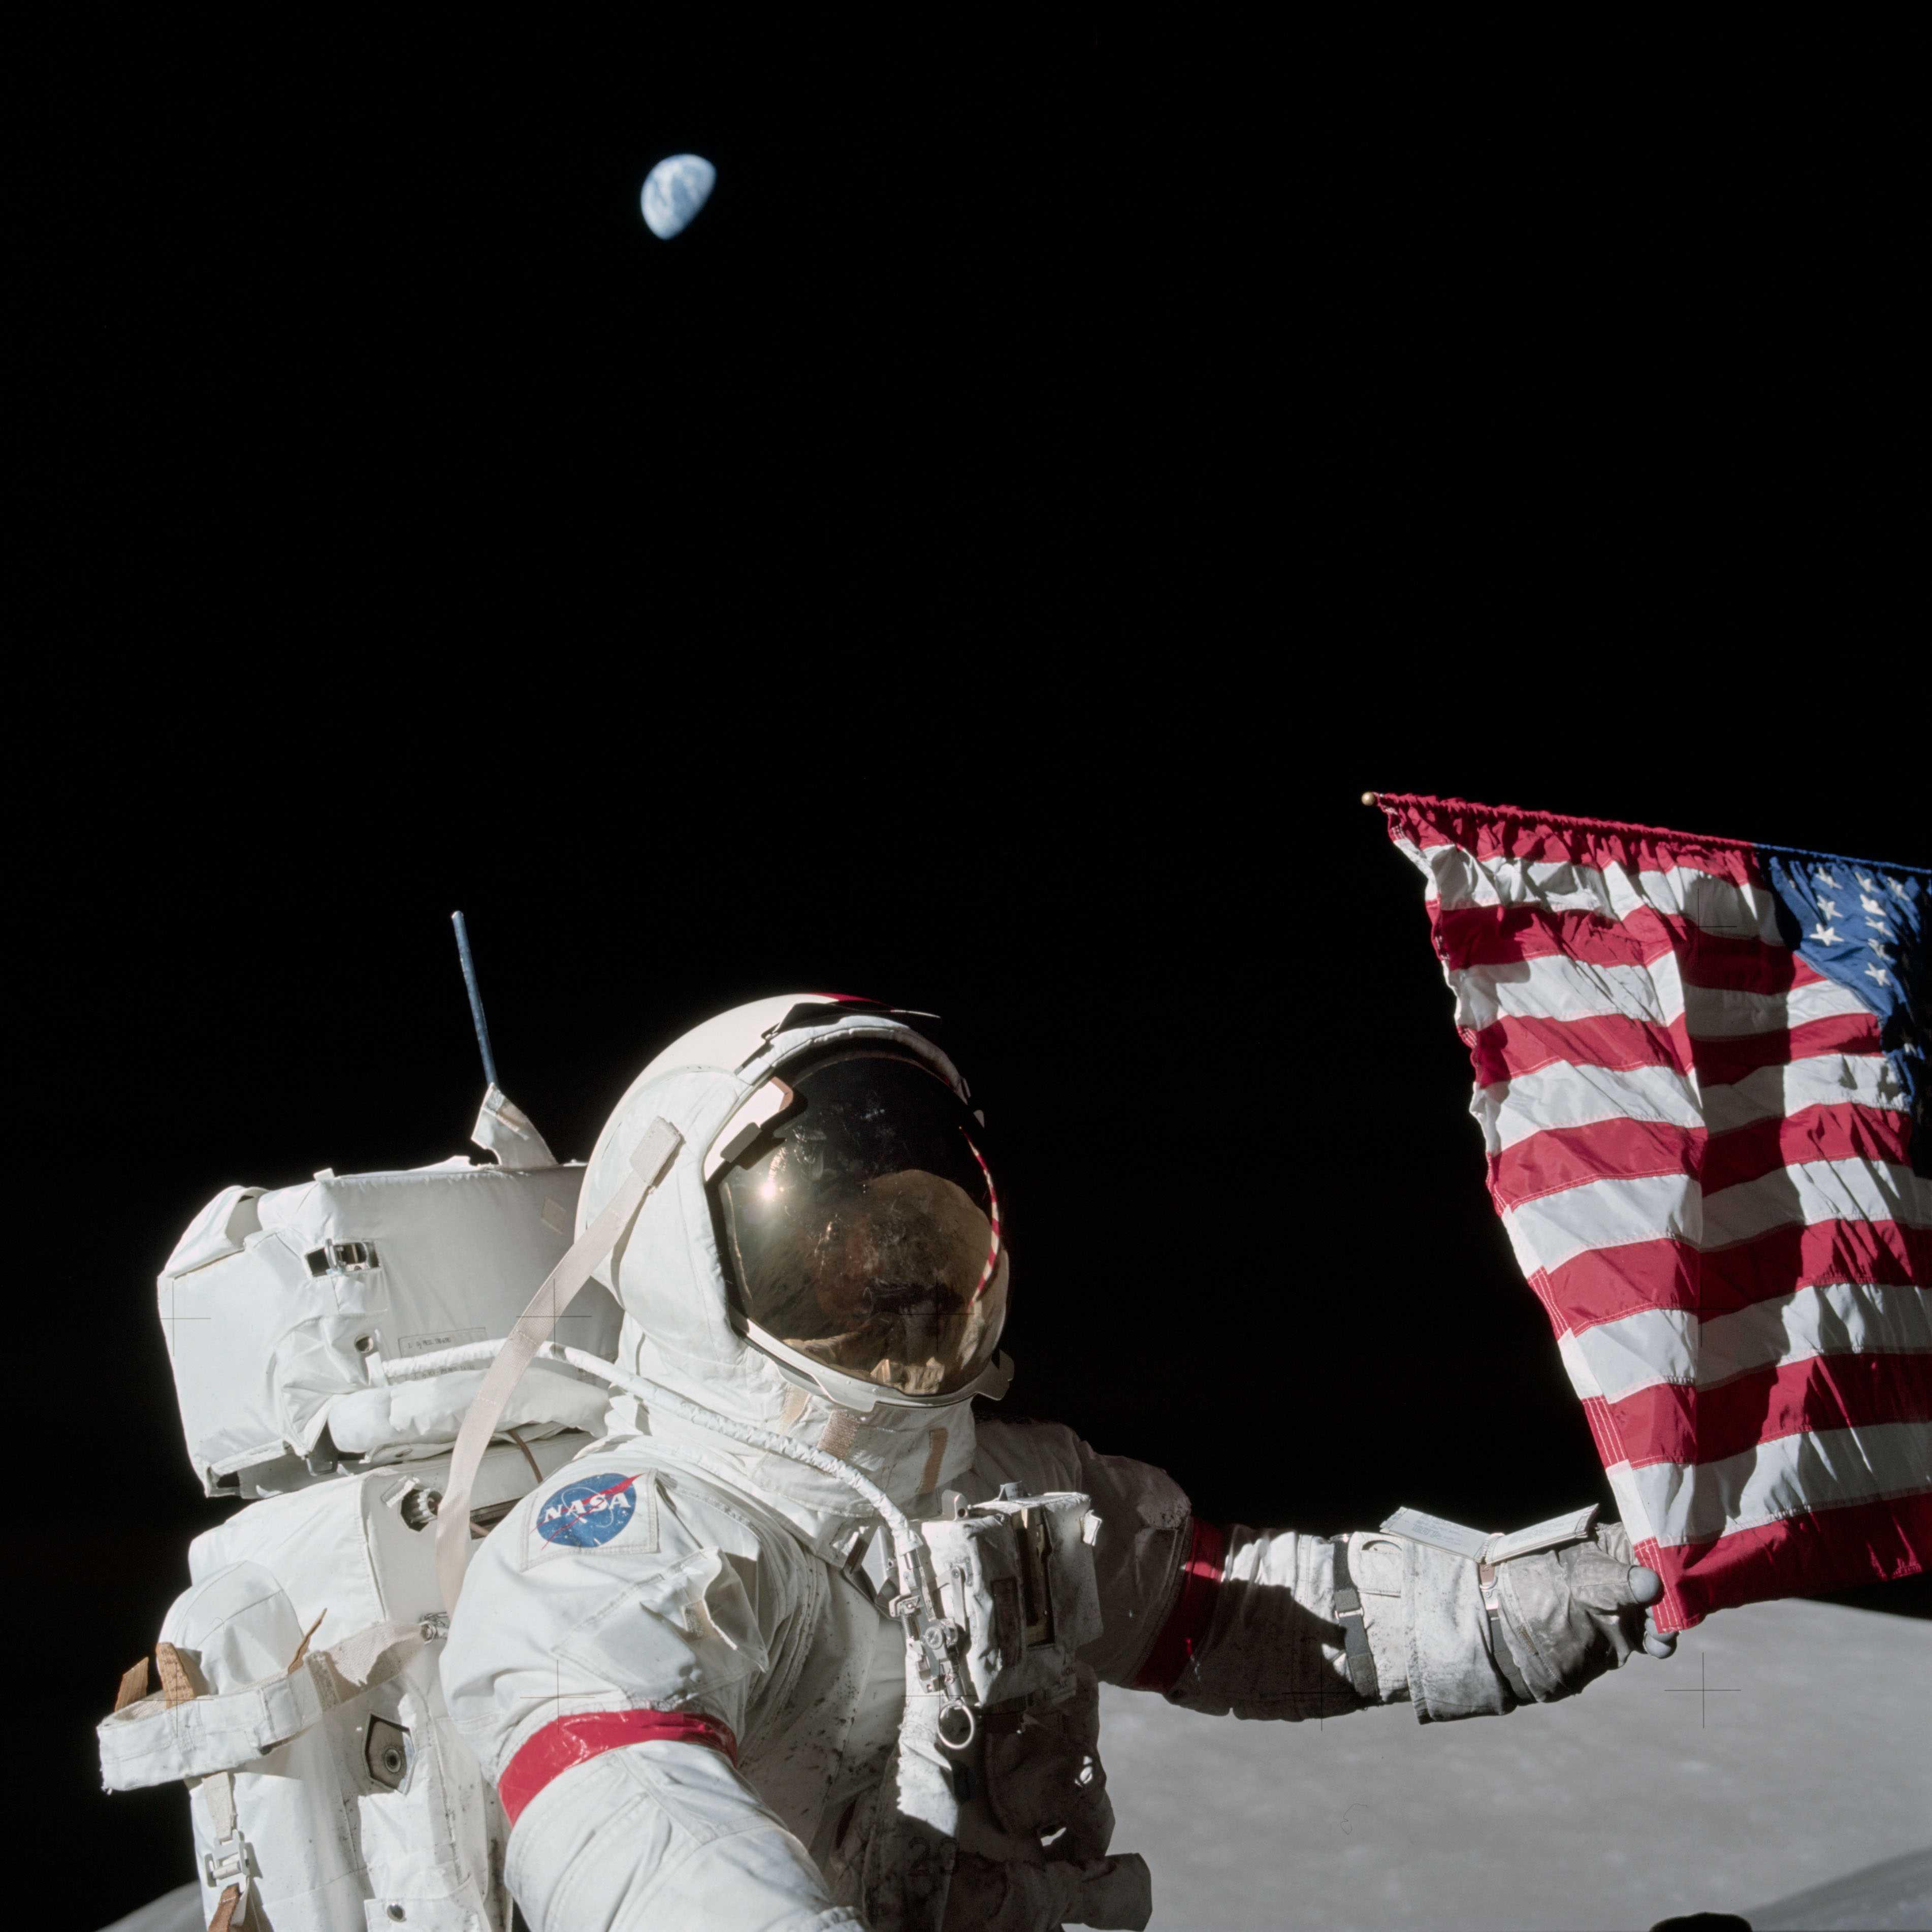 Die Mondlandung, ein Magnet für Verschwörungstheorien